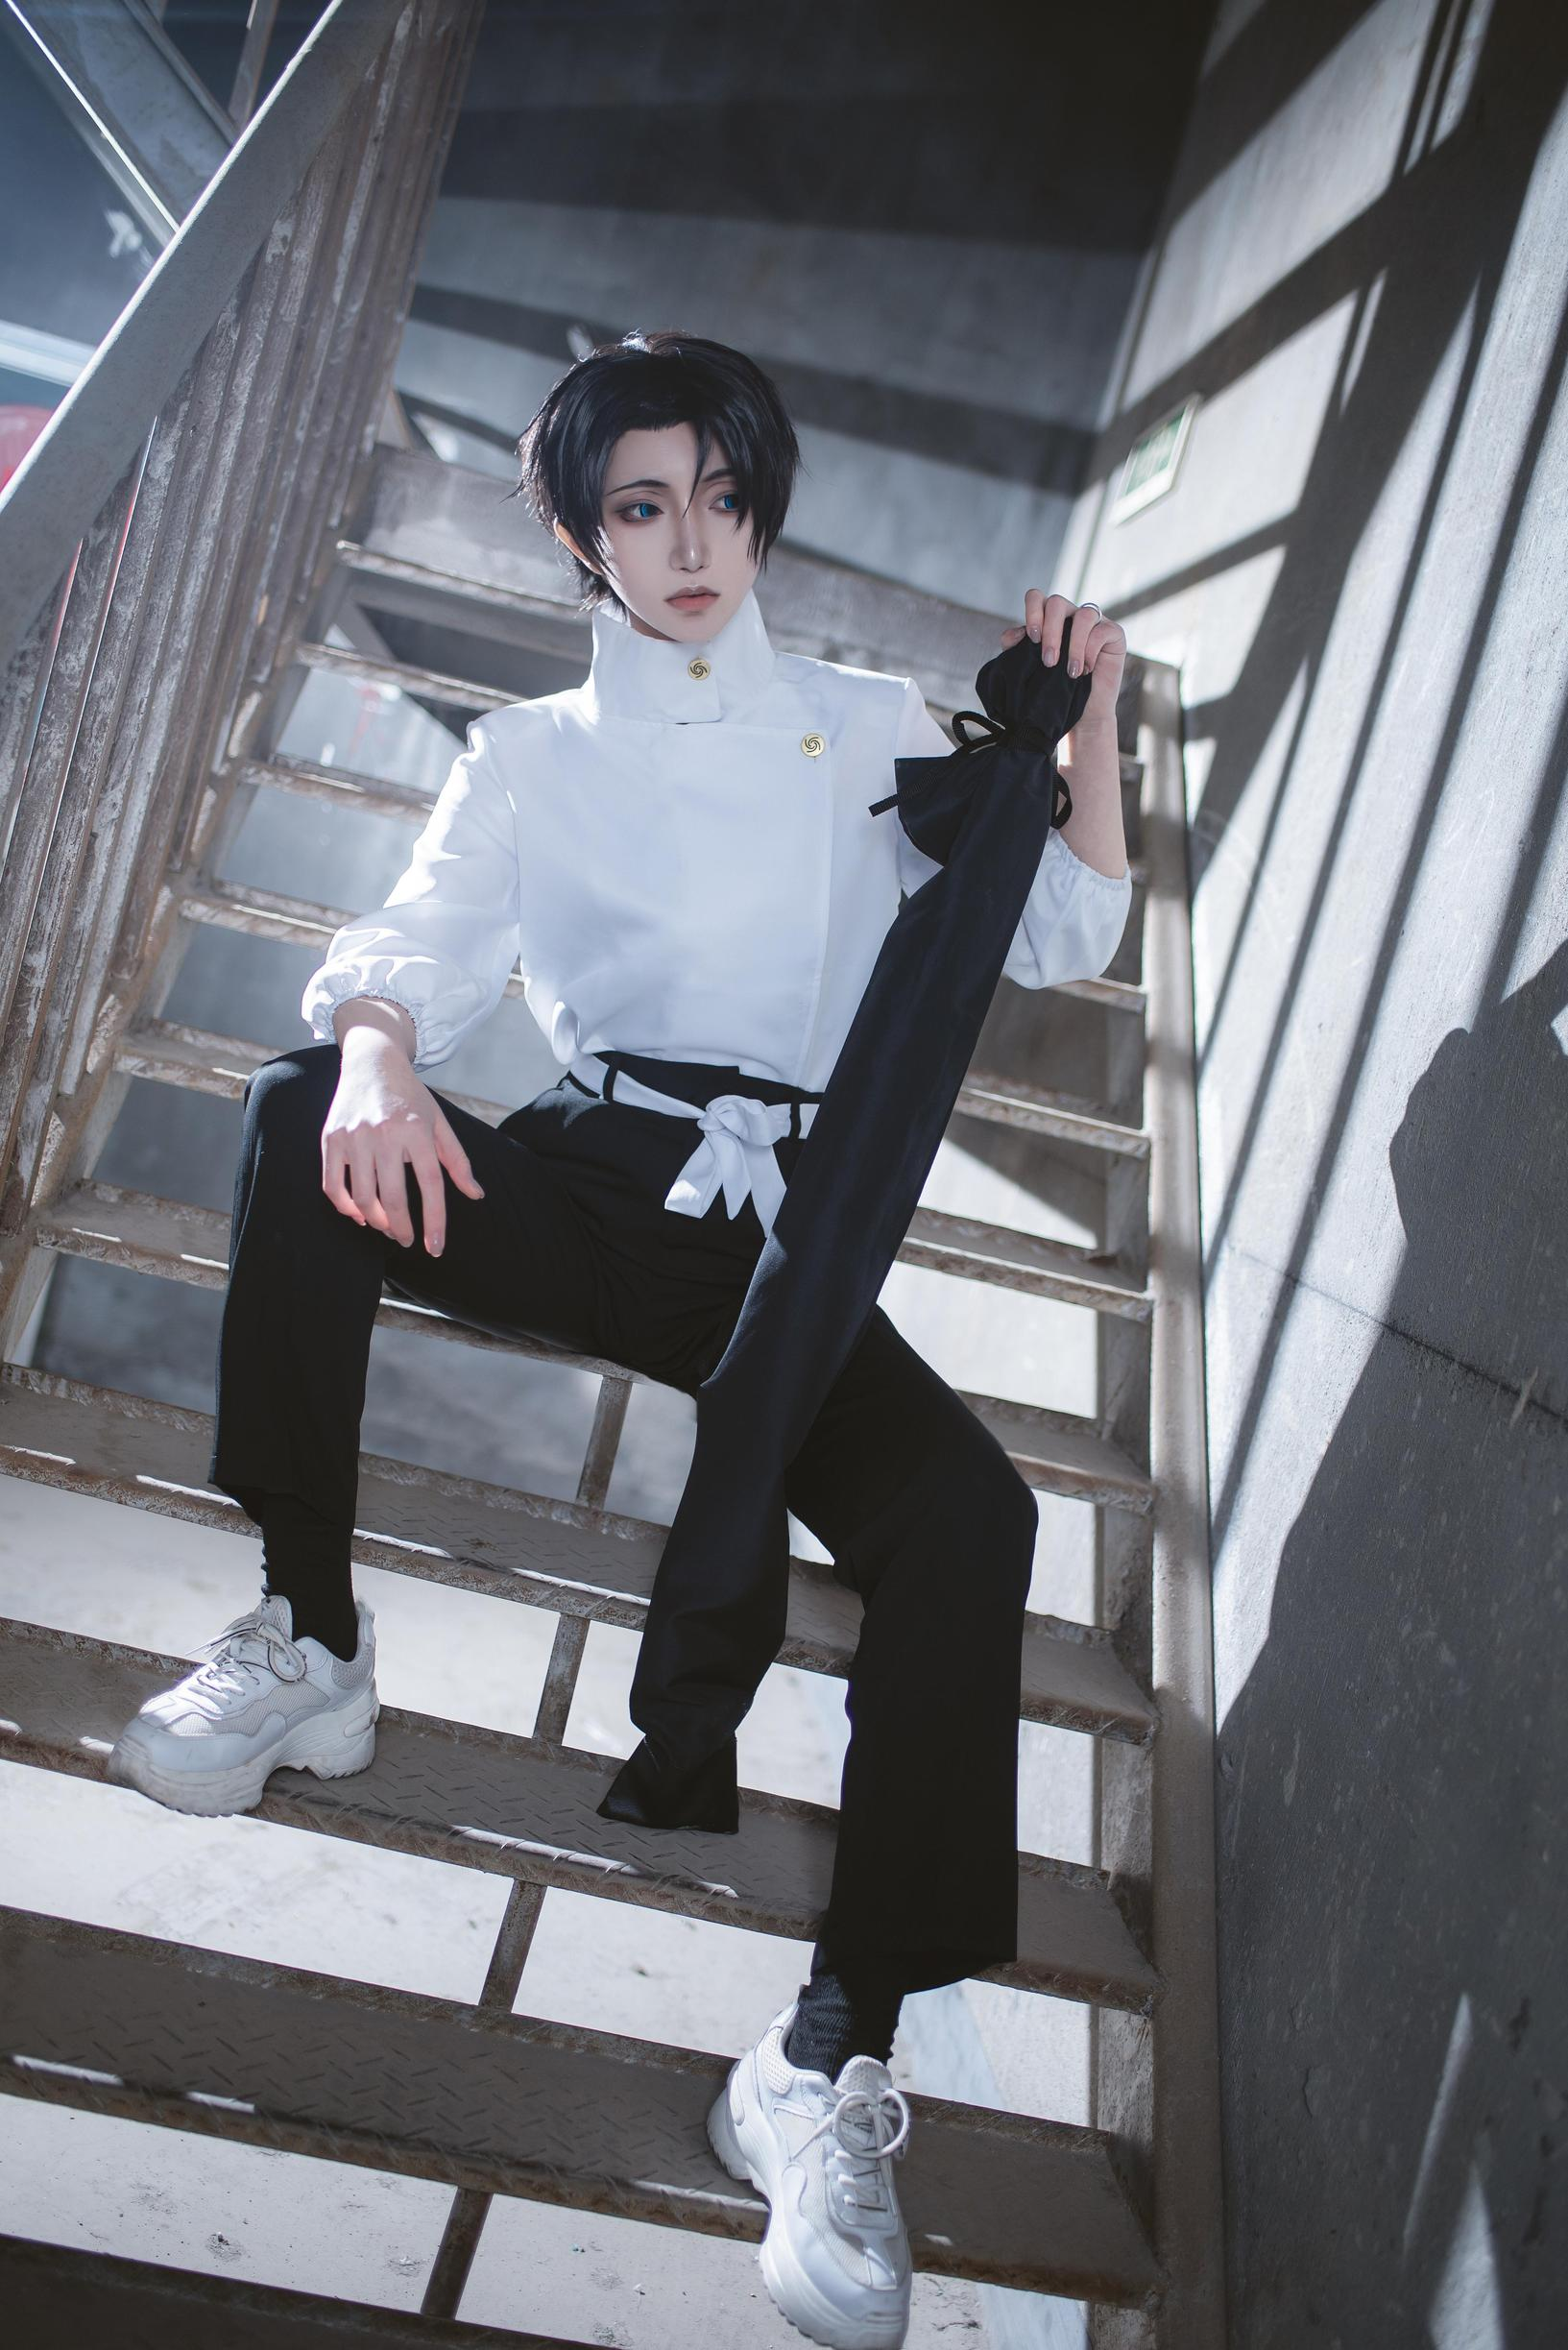 《咒术回战》正片cosplay【CN:物部弥生】-第6张